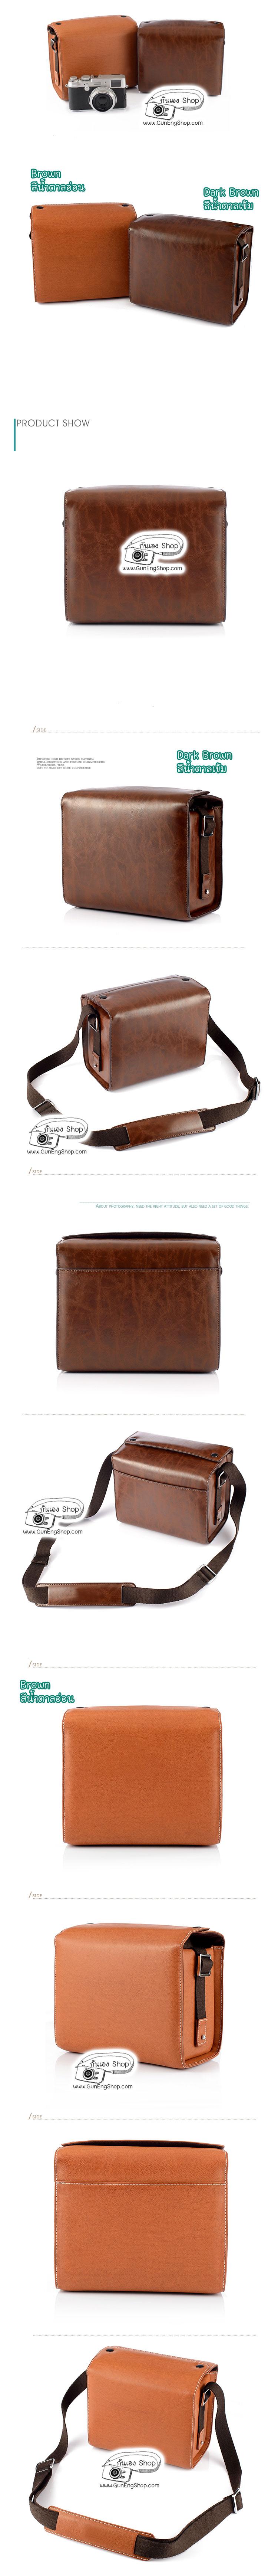 กระเป๋ากล้องเล็ก กระเป๋ากล้อง Leica / Mirrorless - Vintage Square Leather Bag